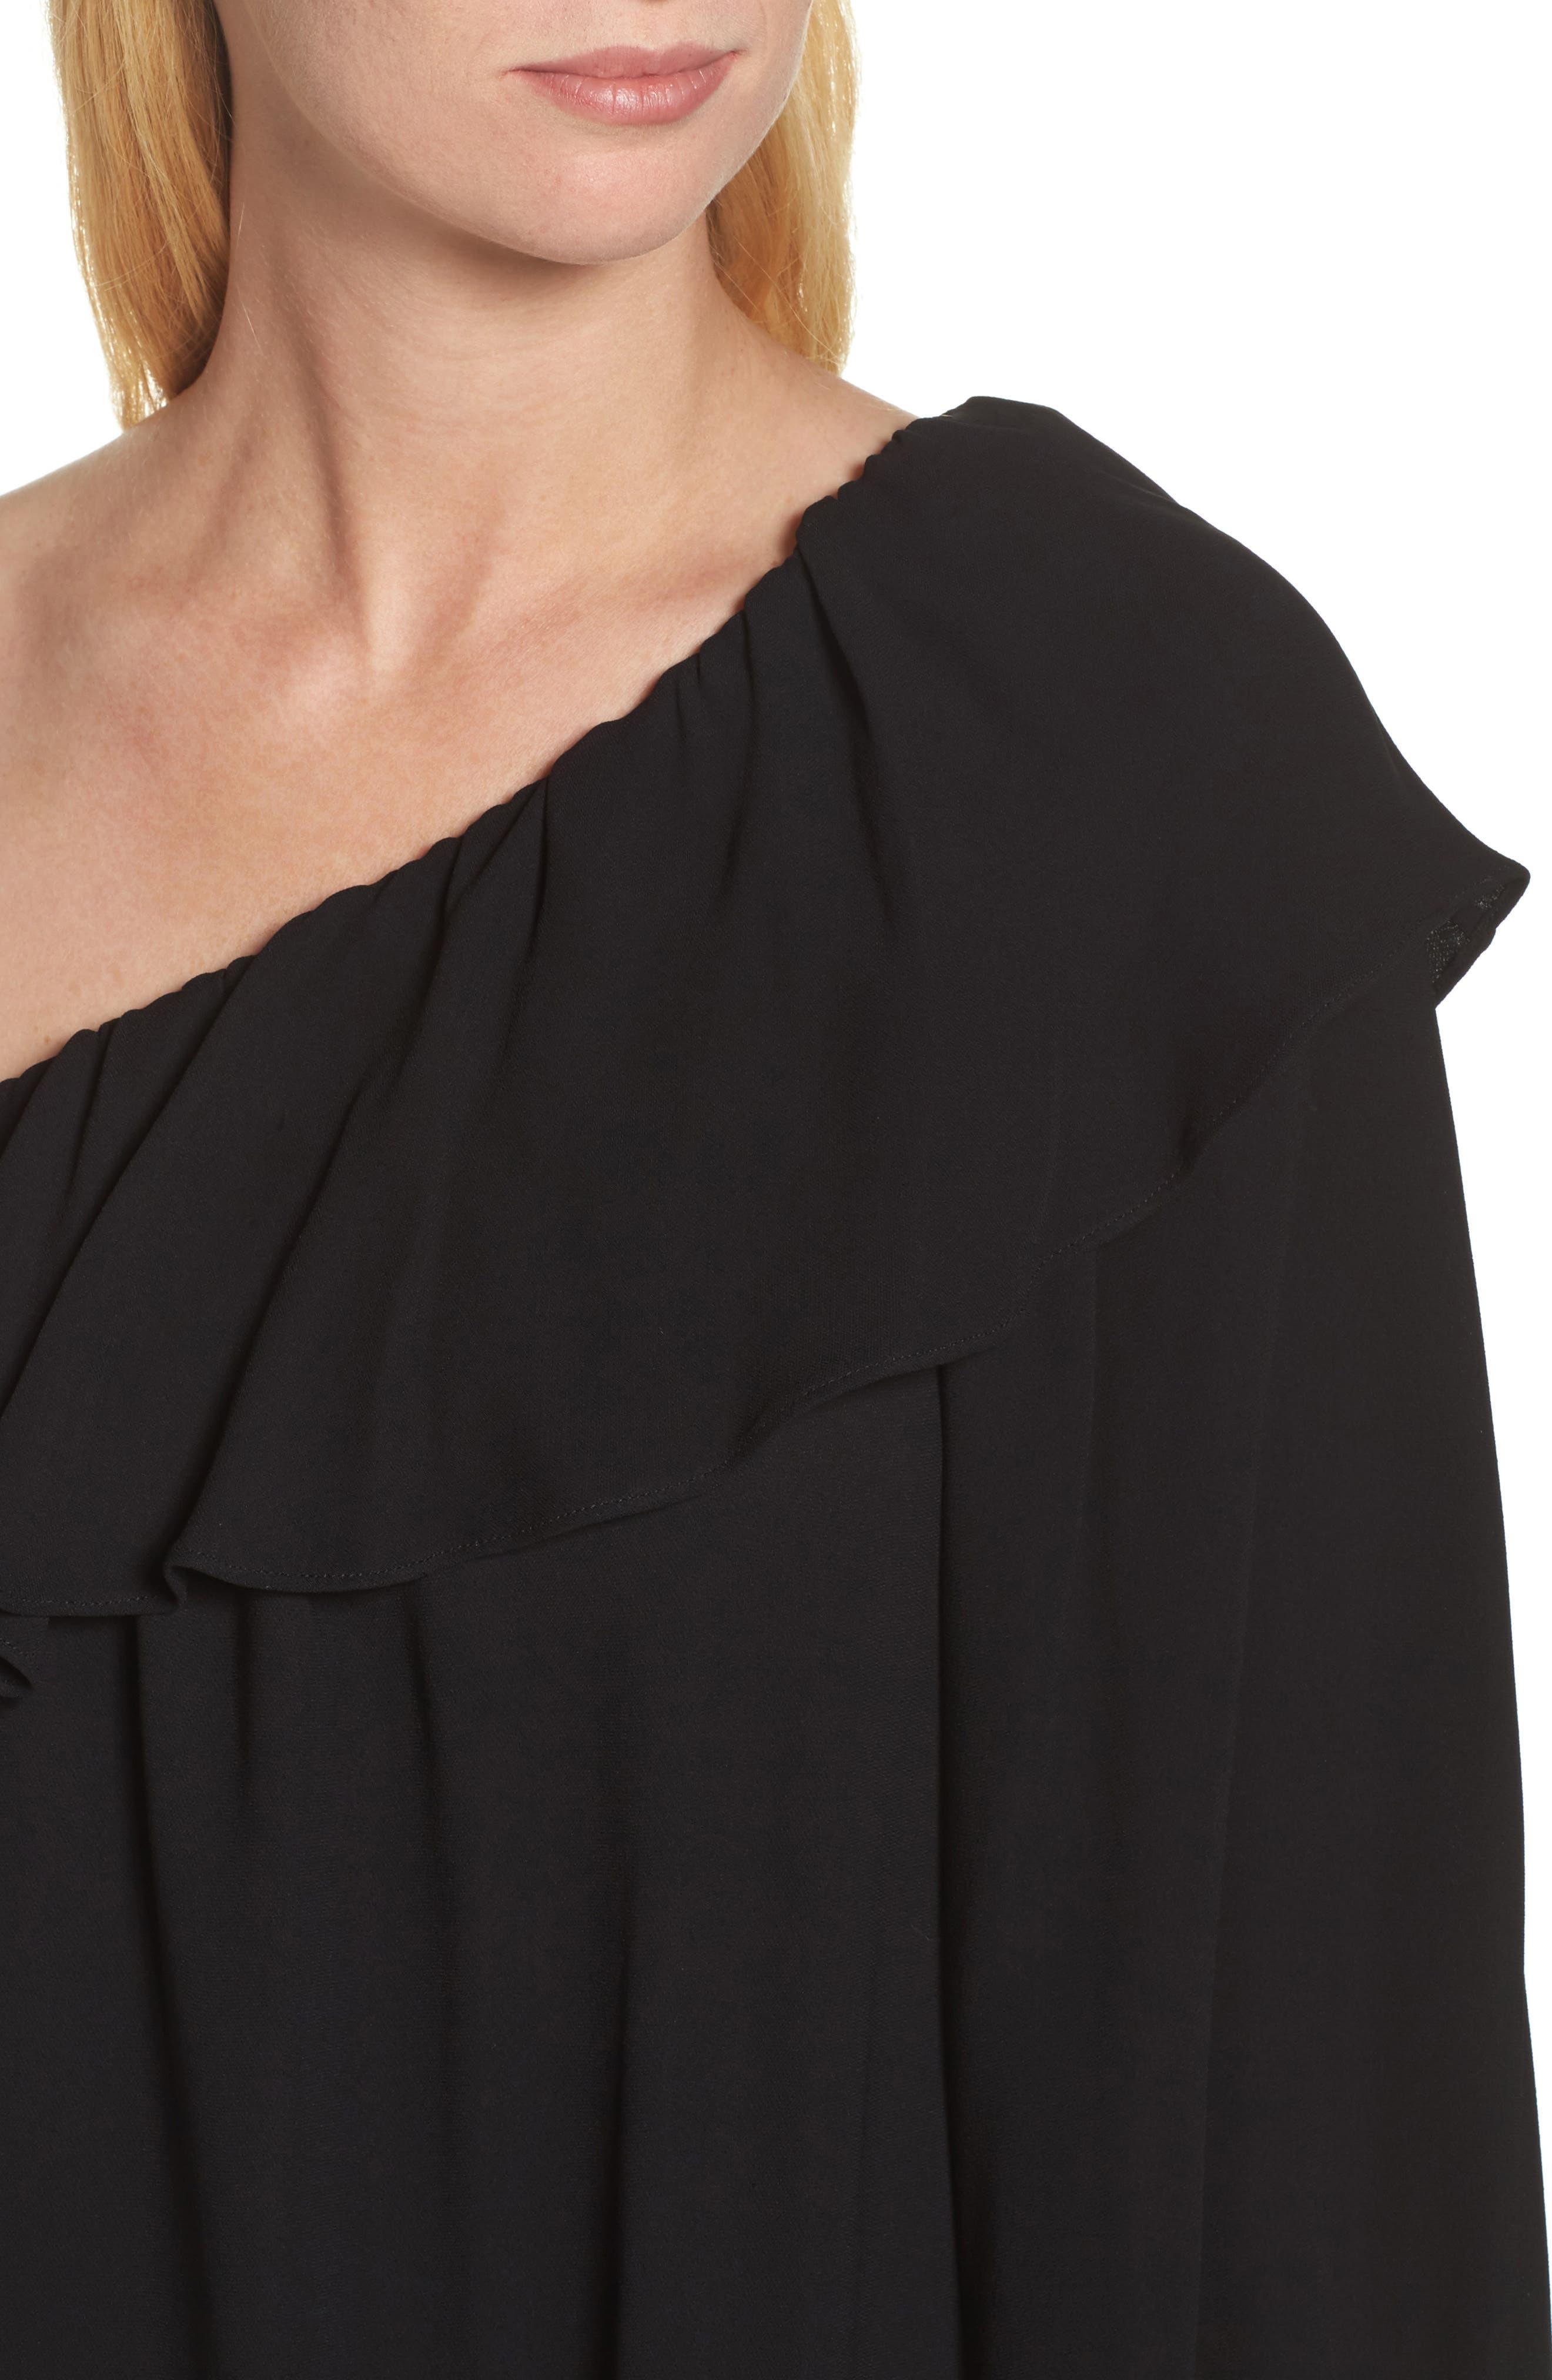 Evening Dew One-Shoulder Dress,                             Alternate thumbnail 4, color,                             001